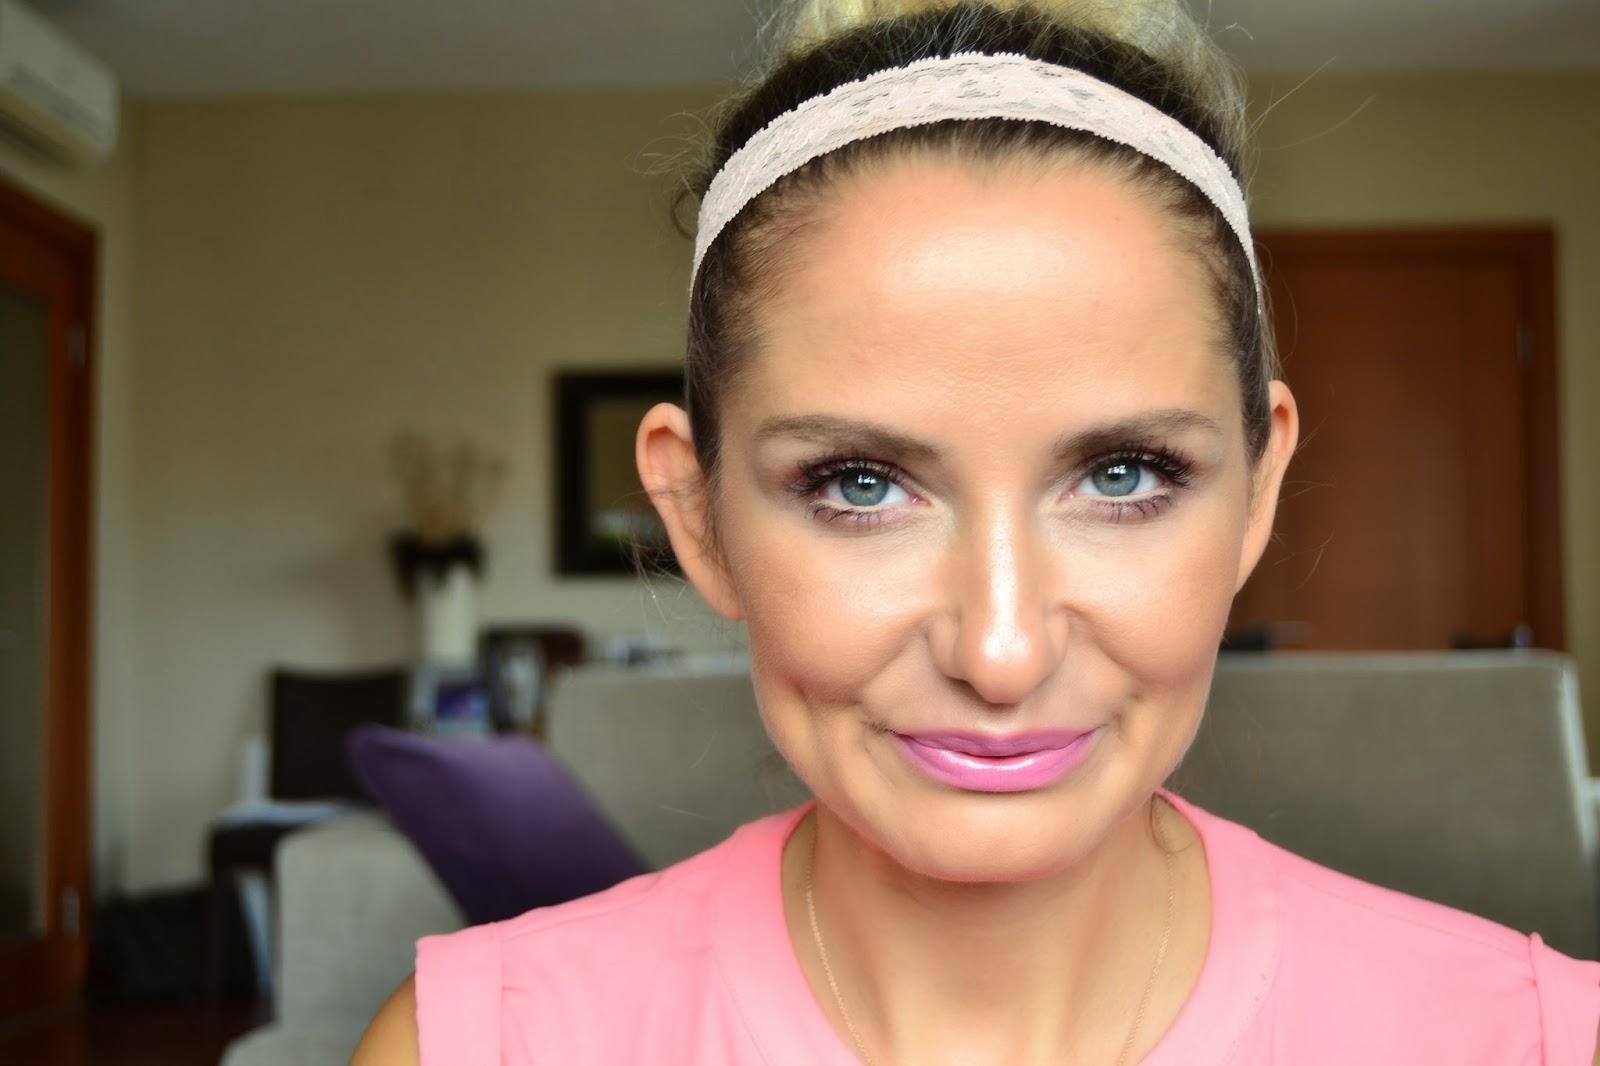 okul makyajı - back to school makeup - makyaj uygulamaları - makyaj blogları - makeup tutorial - rimmel london - flormar - loreal - Deborah milano - kozmetik blogları - nail art